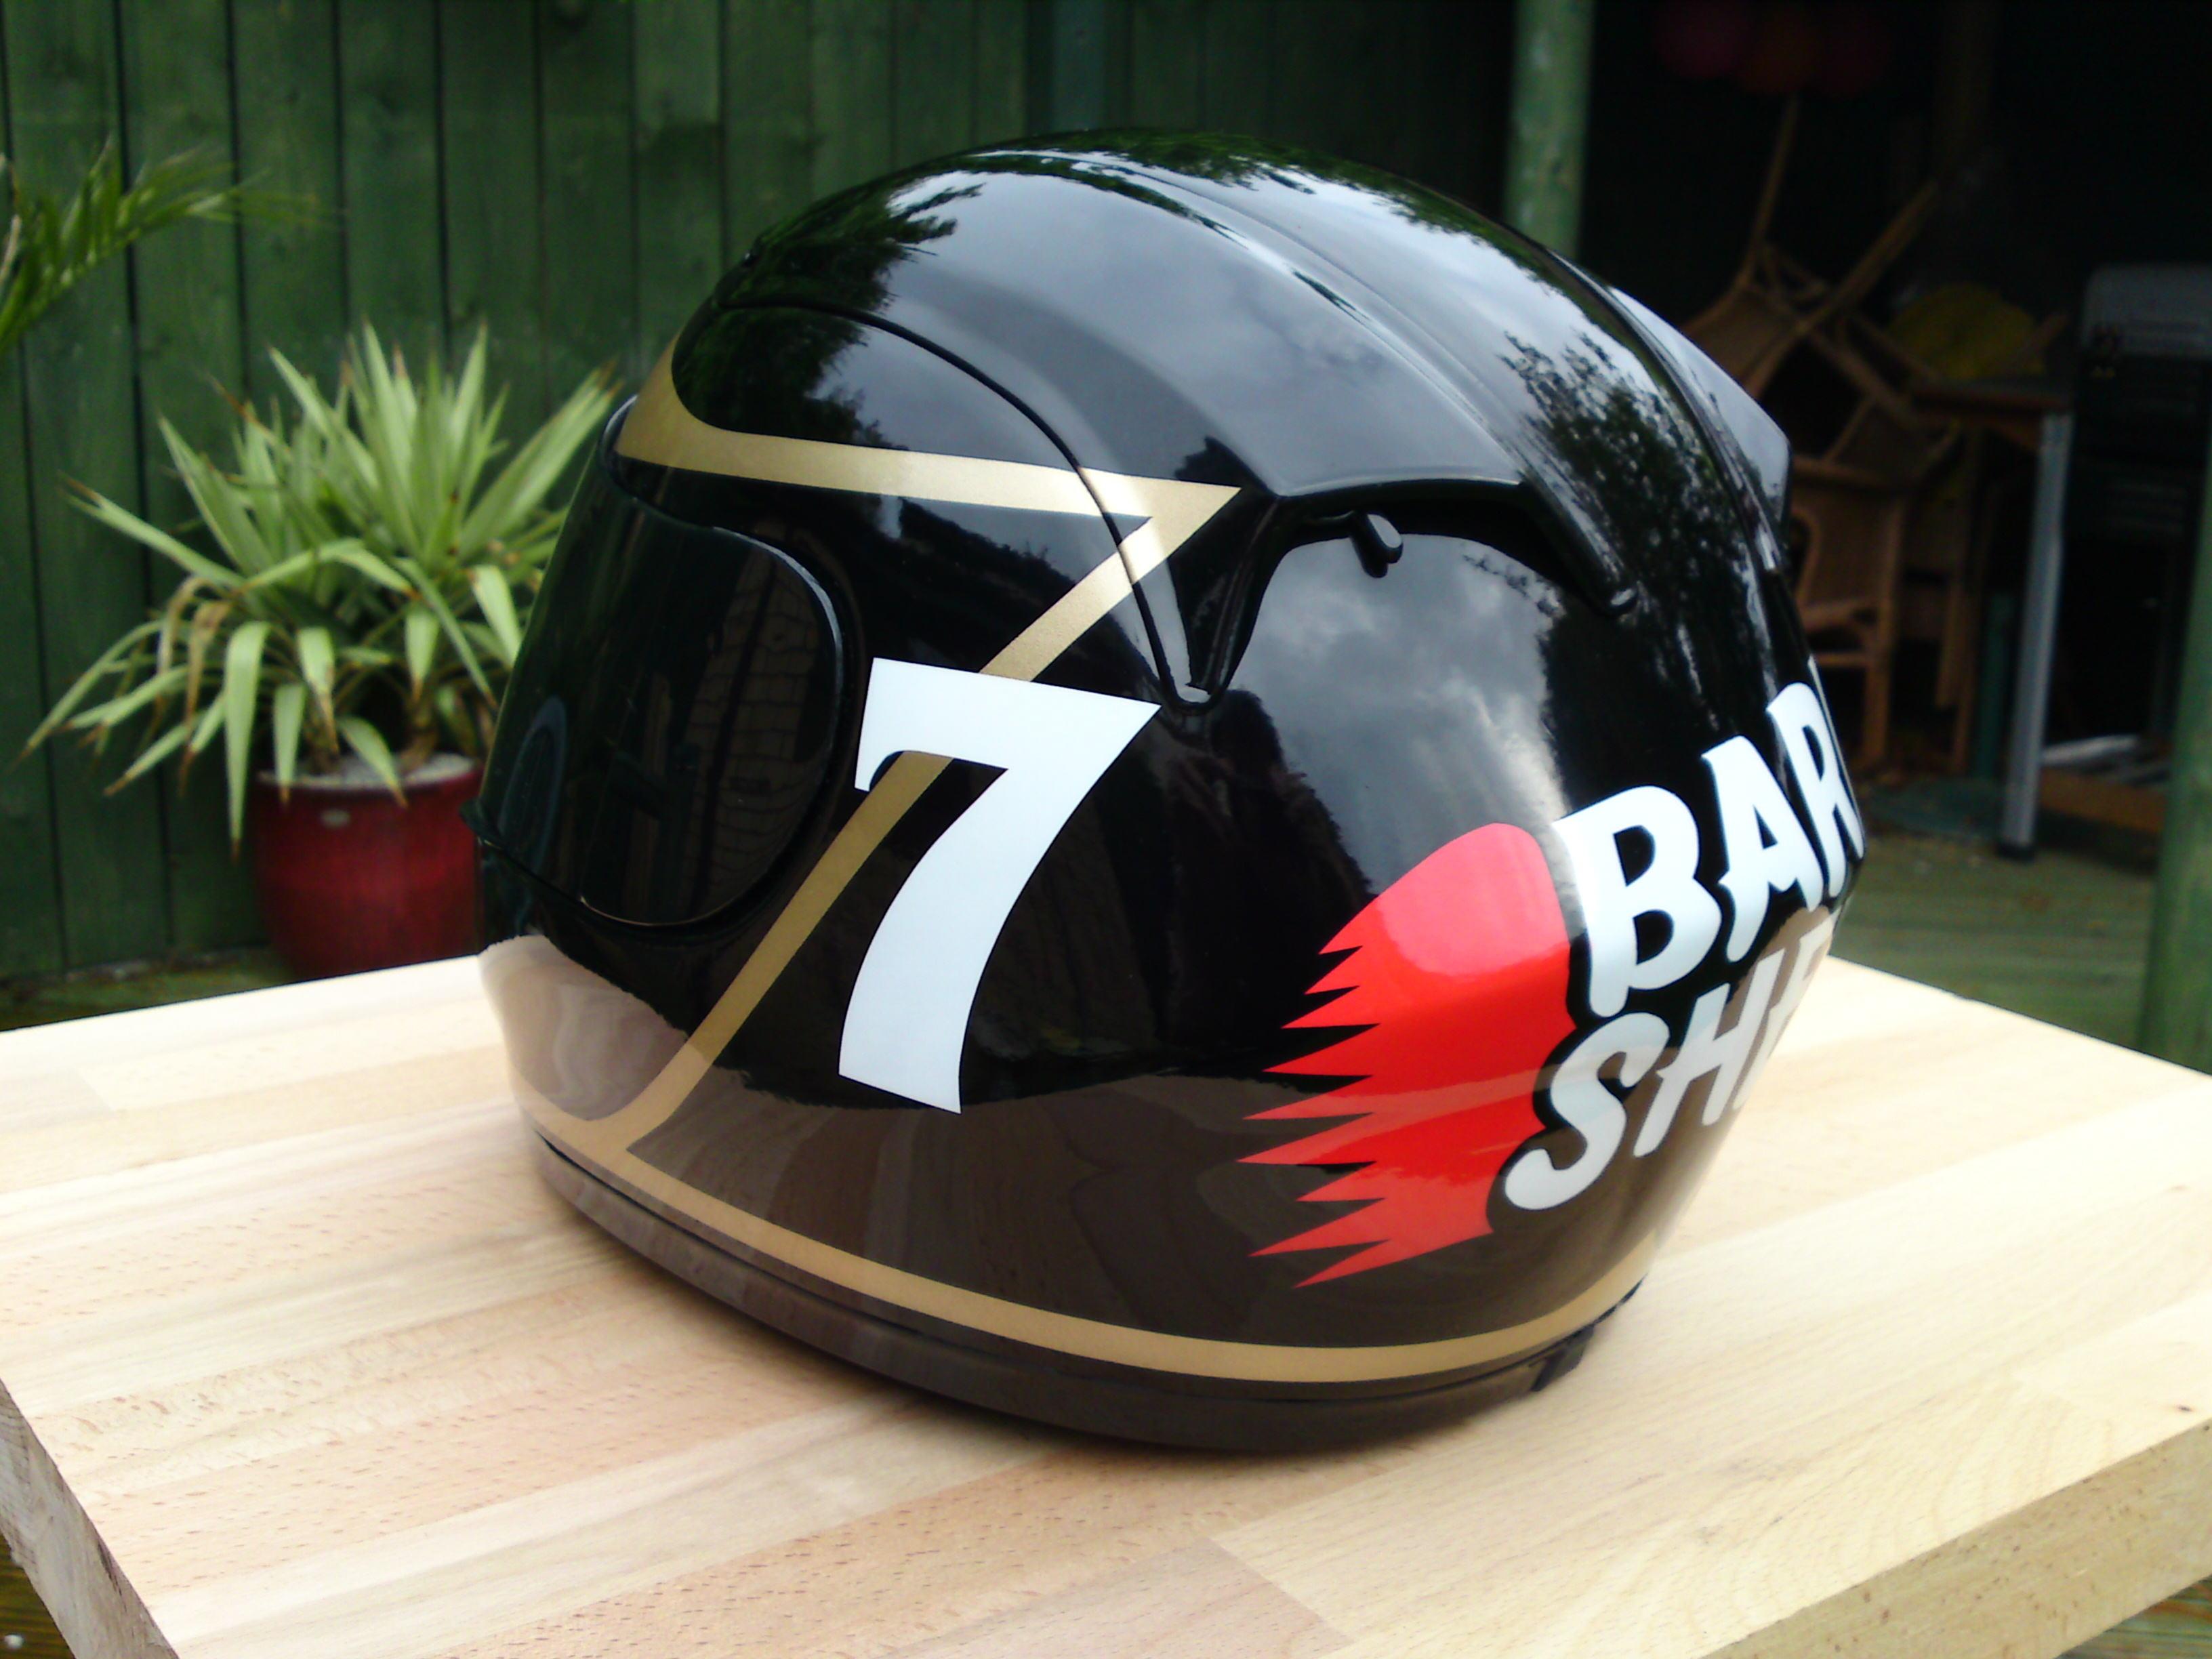 barry sheene replica helmet   kustomflow hull   east